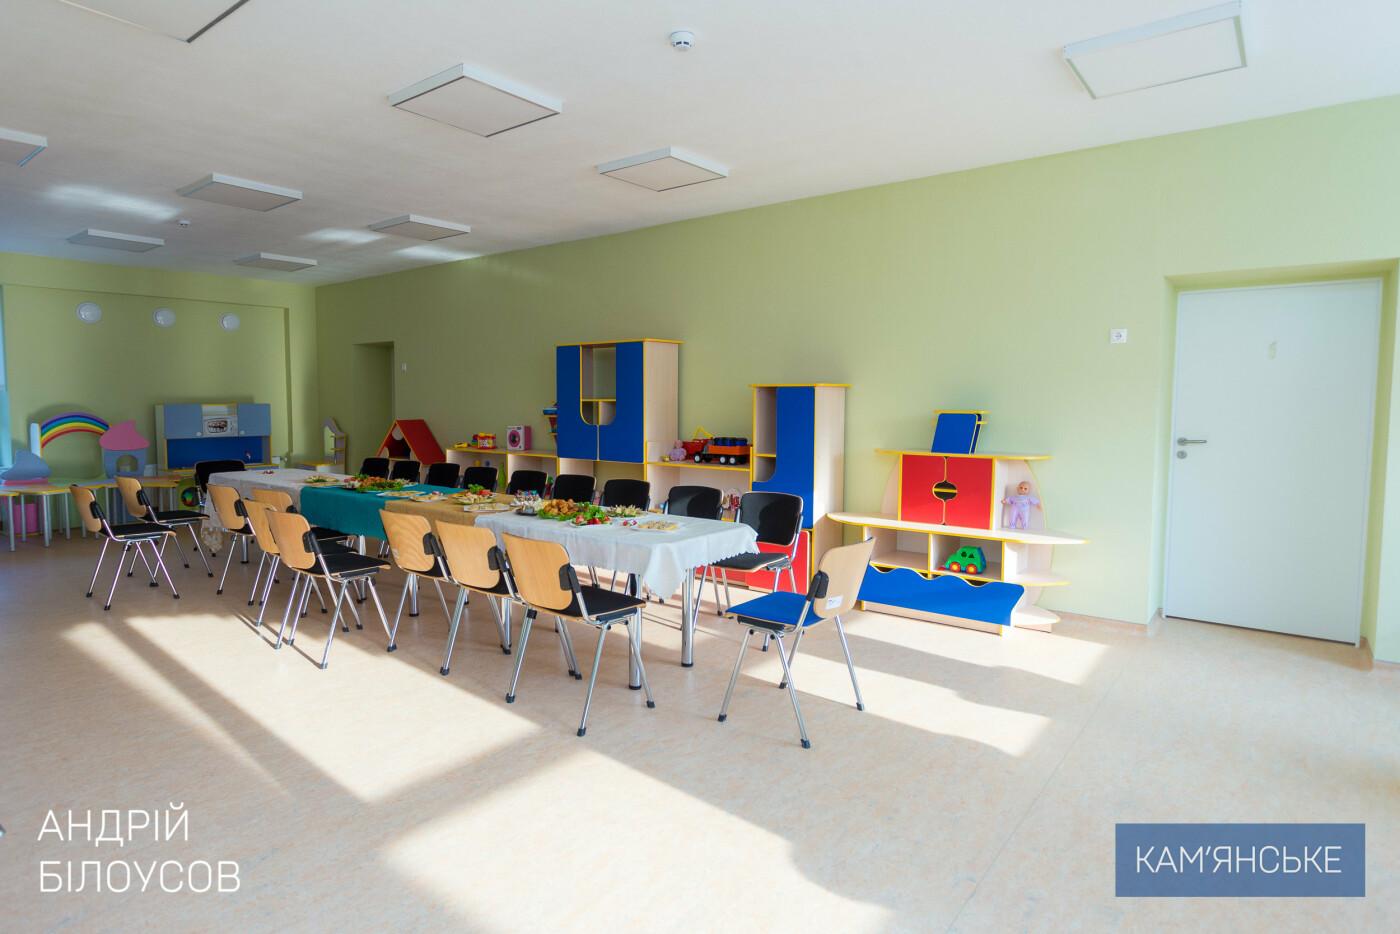 В Каменском на Черемушках открыли после реконструкции новый детский сад на 110 мест, фото-1